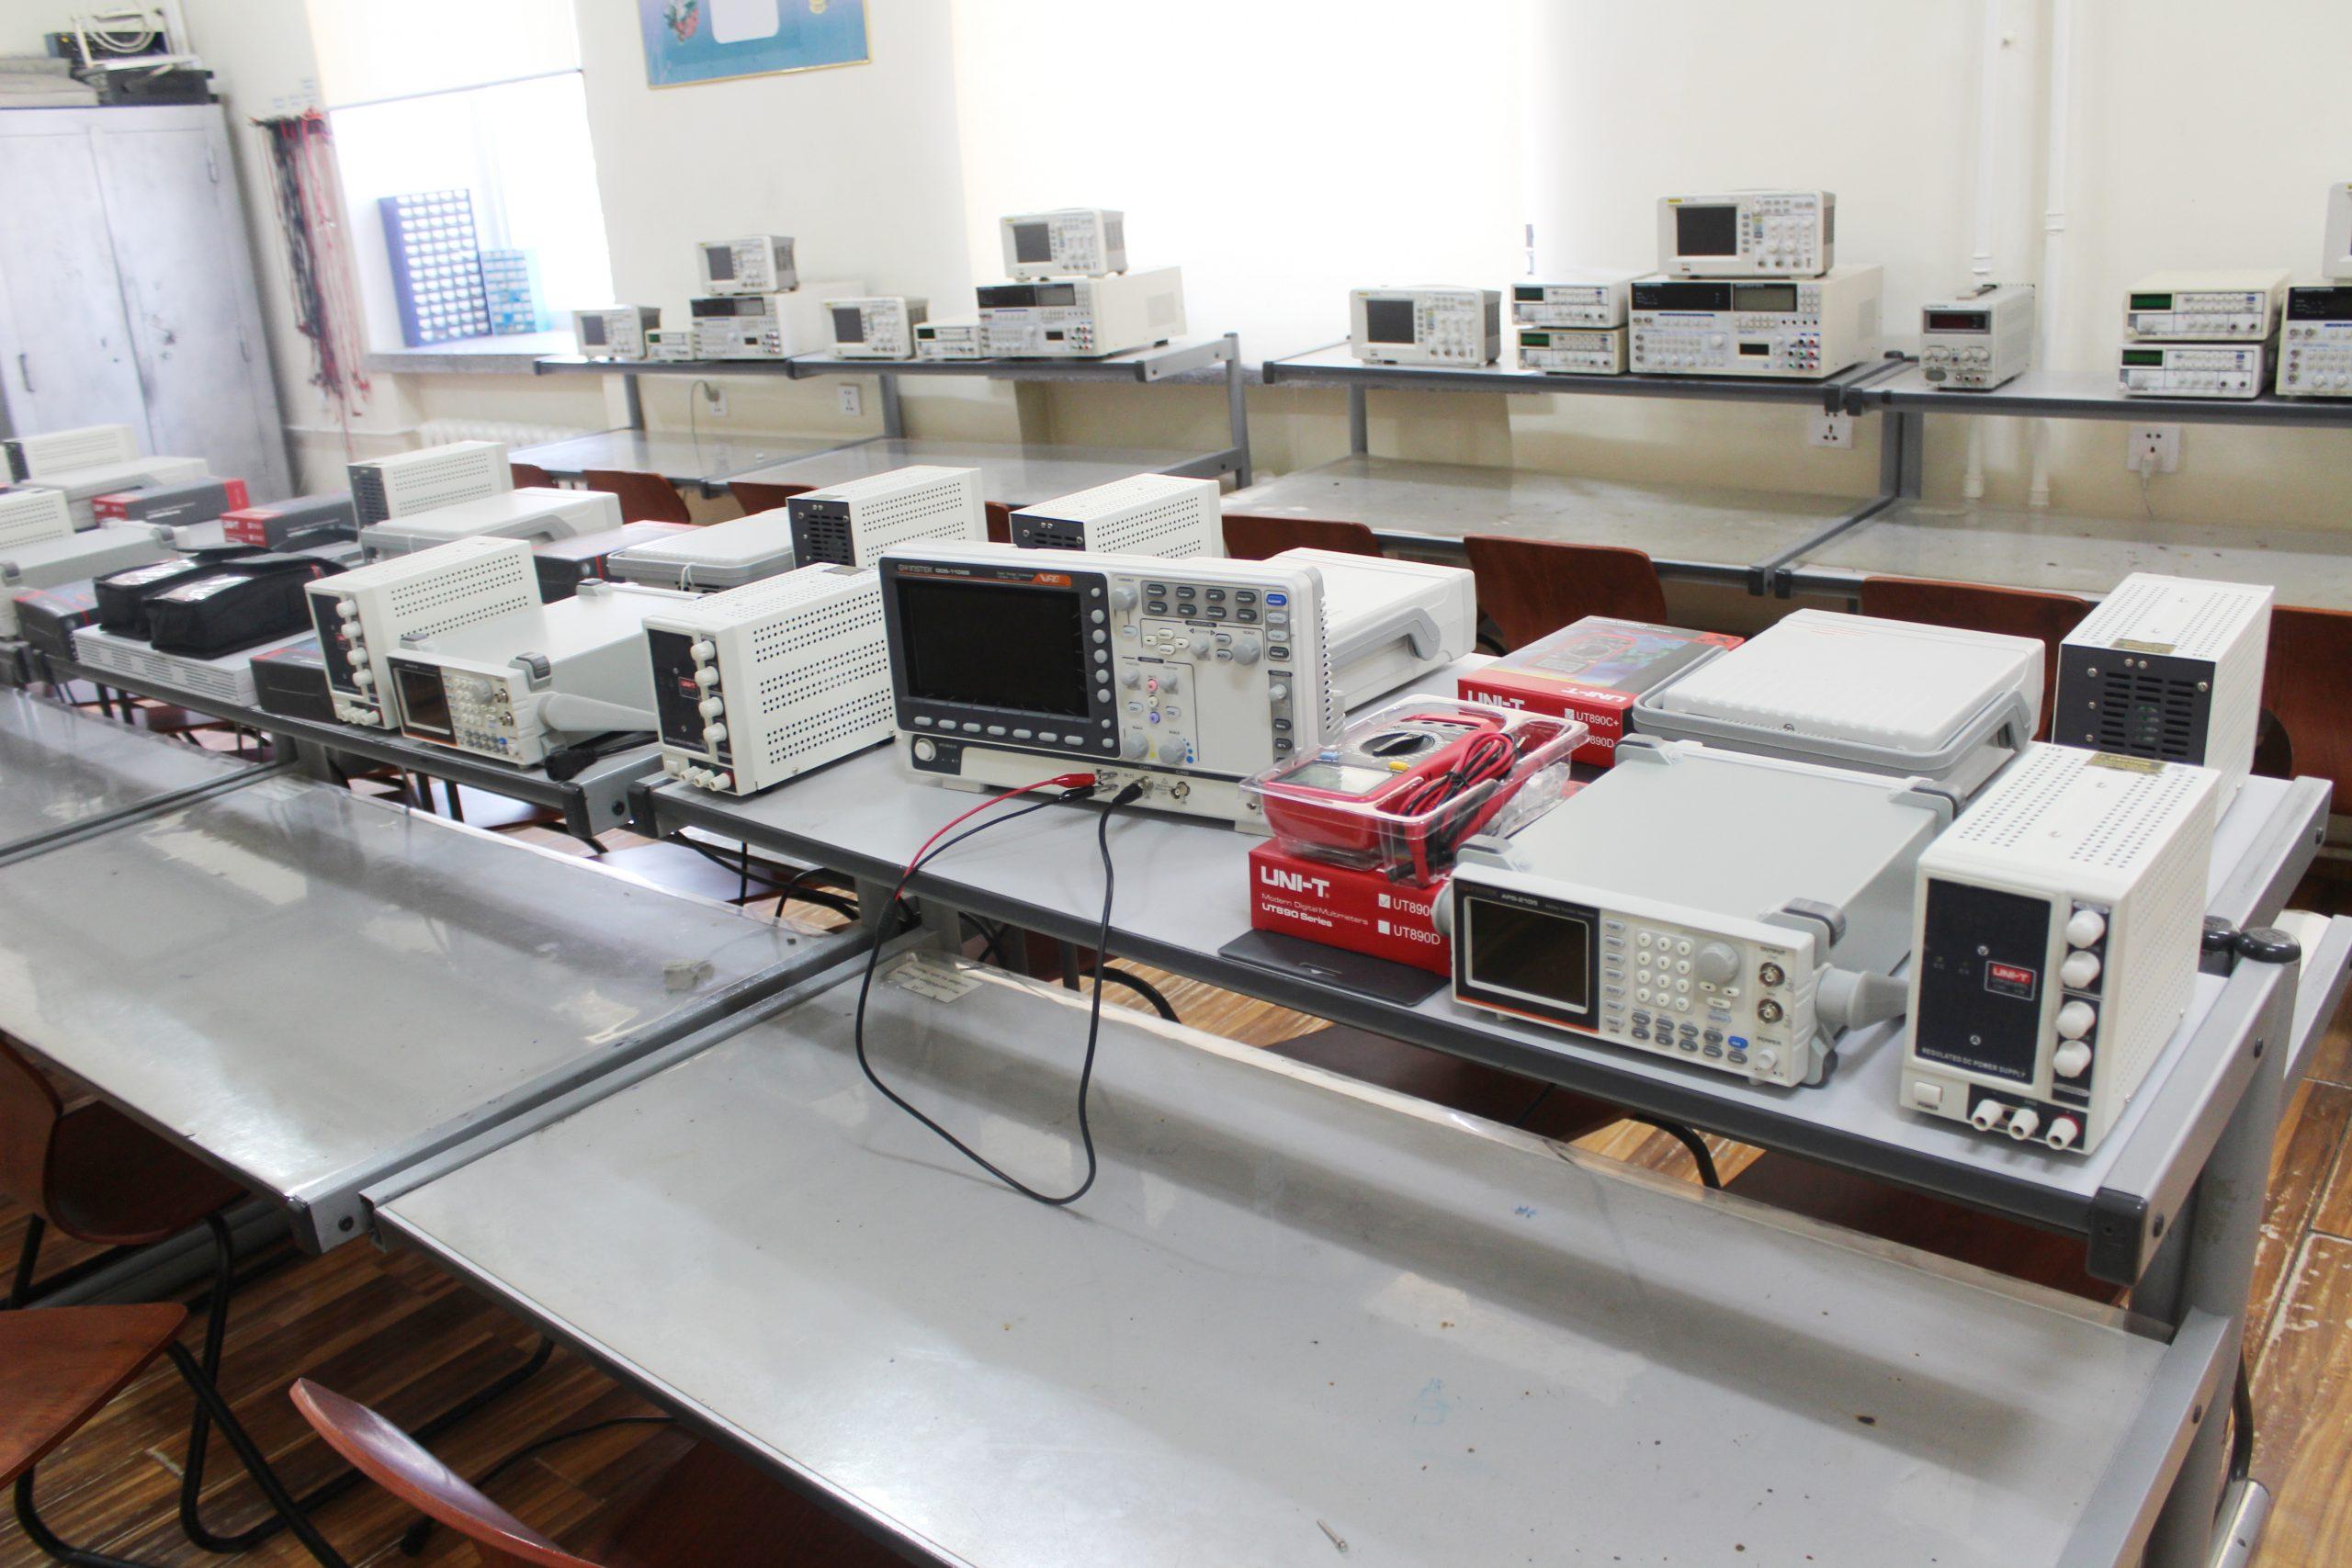 ЭХИТ-ийн сургалт судалгааны лабораториудад 25 сая төгрөгийн үнэ бүхий тоног төхөөрөмж худалдан авч сургалт, судалгаанд ашиглаж эхэллээ